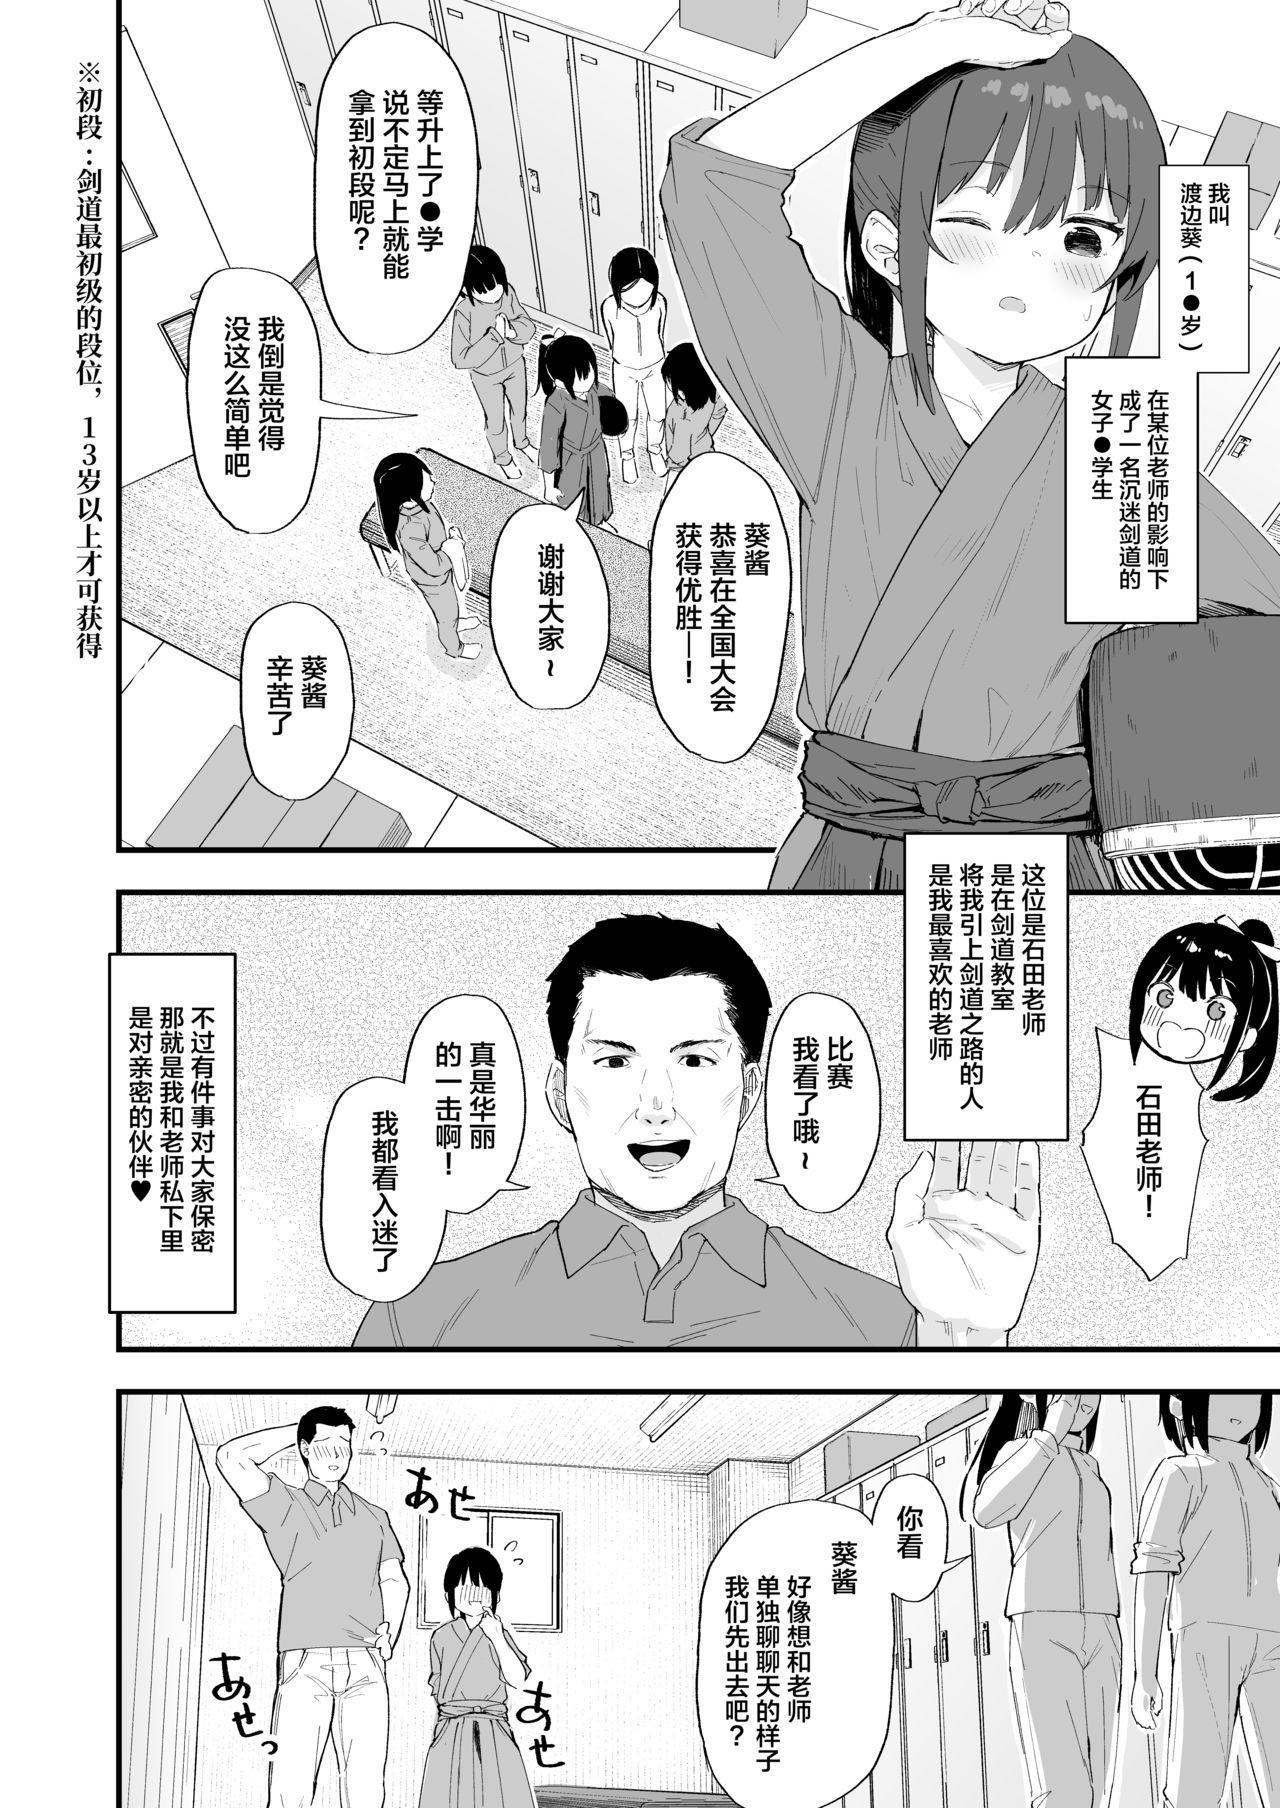 Kendou ga Tsuyoi dake de wa Otona ni wa Kanaimasen 4